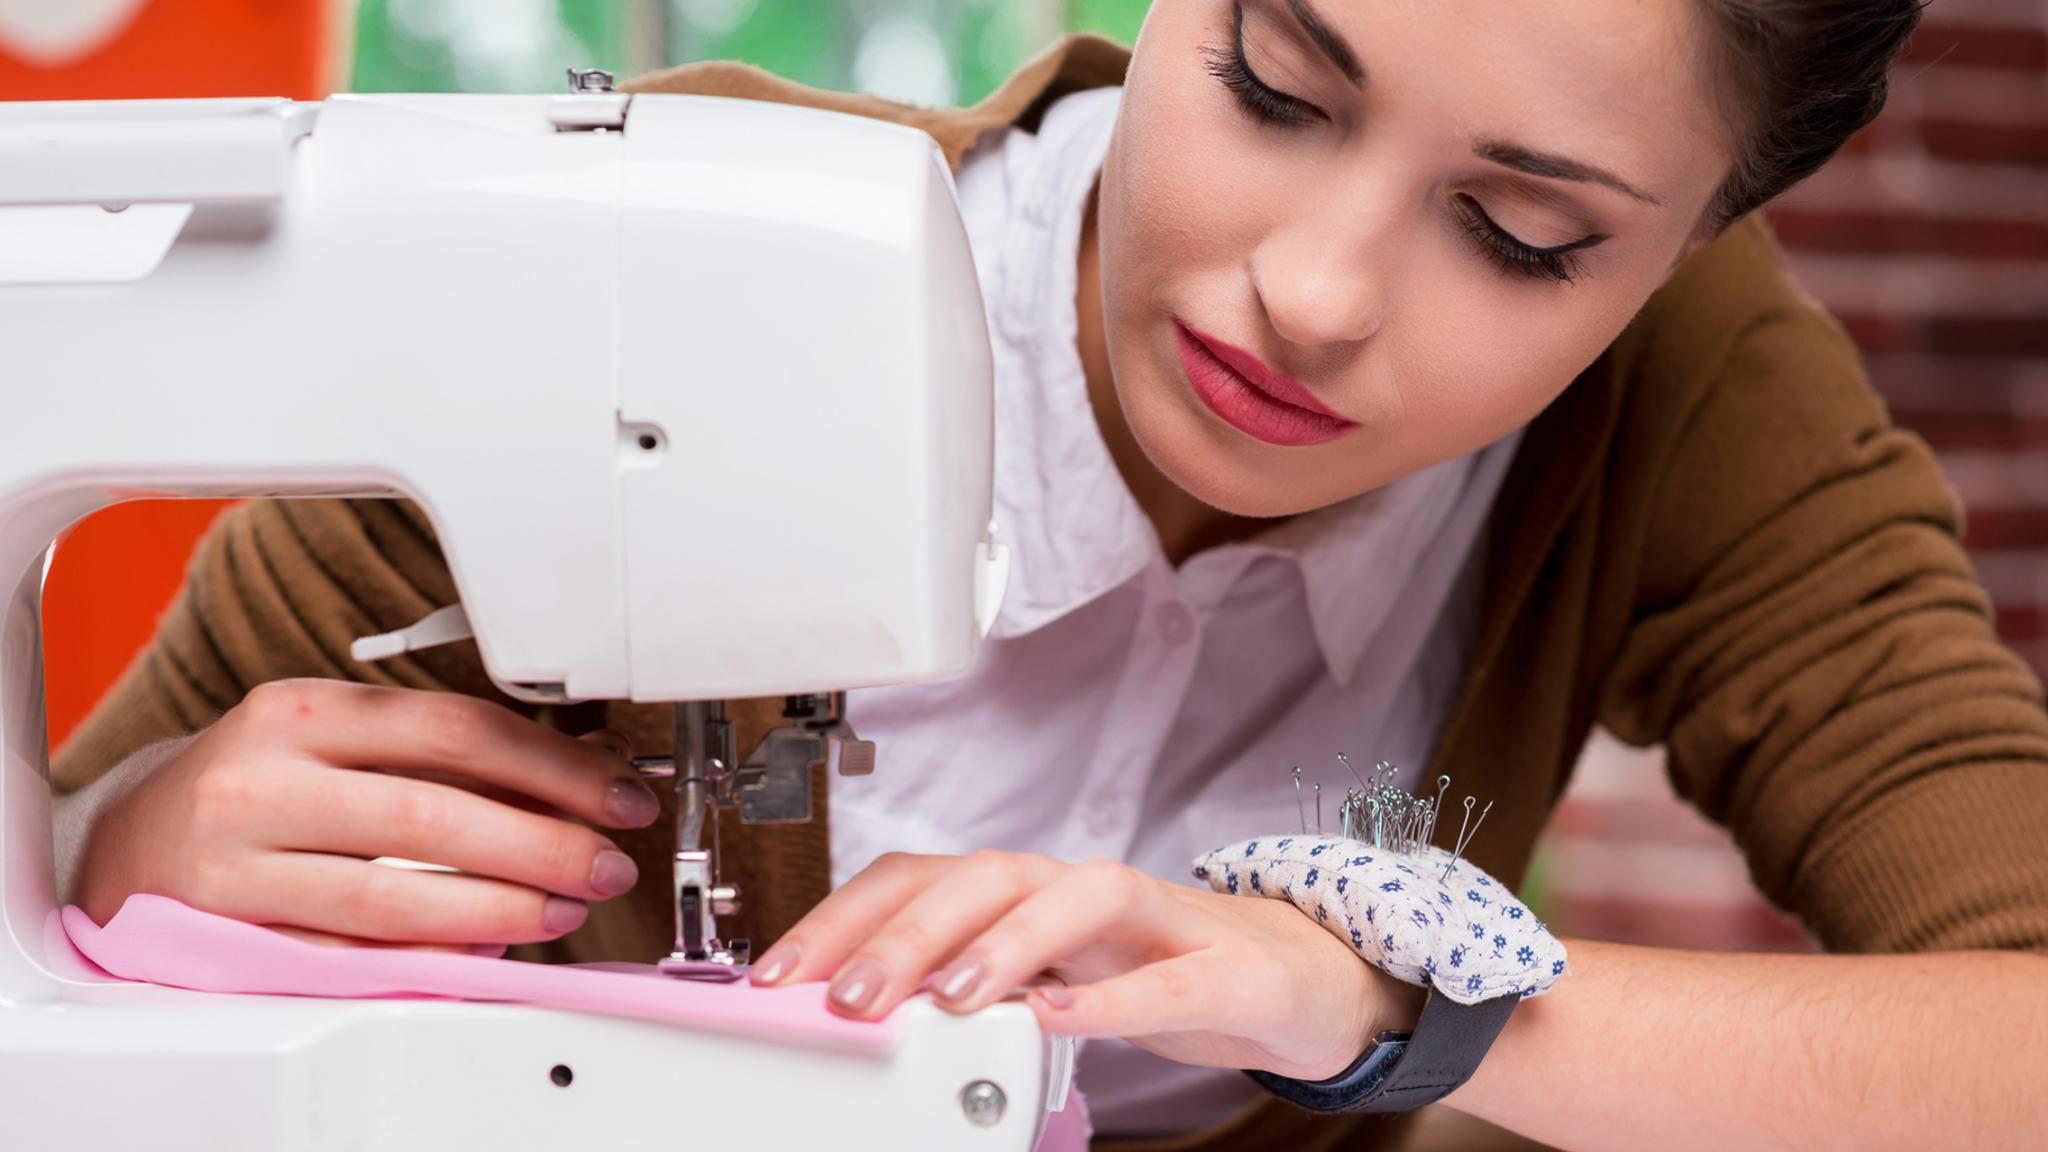 Als Nähanfänger benötigt man zunächst eine vernünftige Nähmaschine.